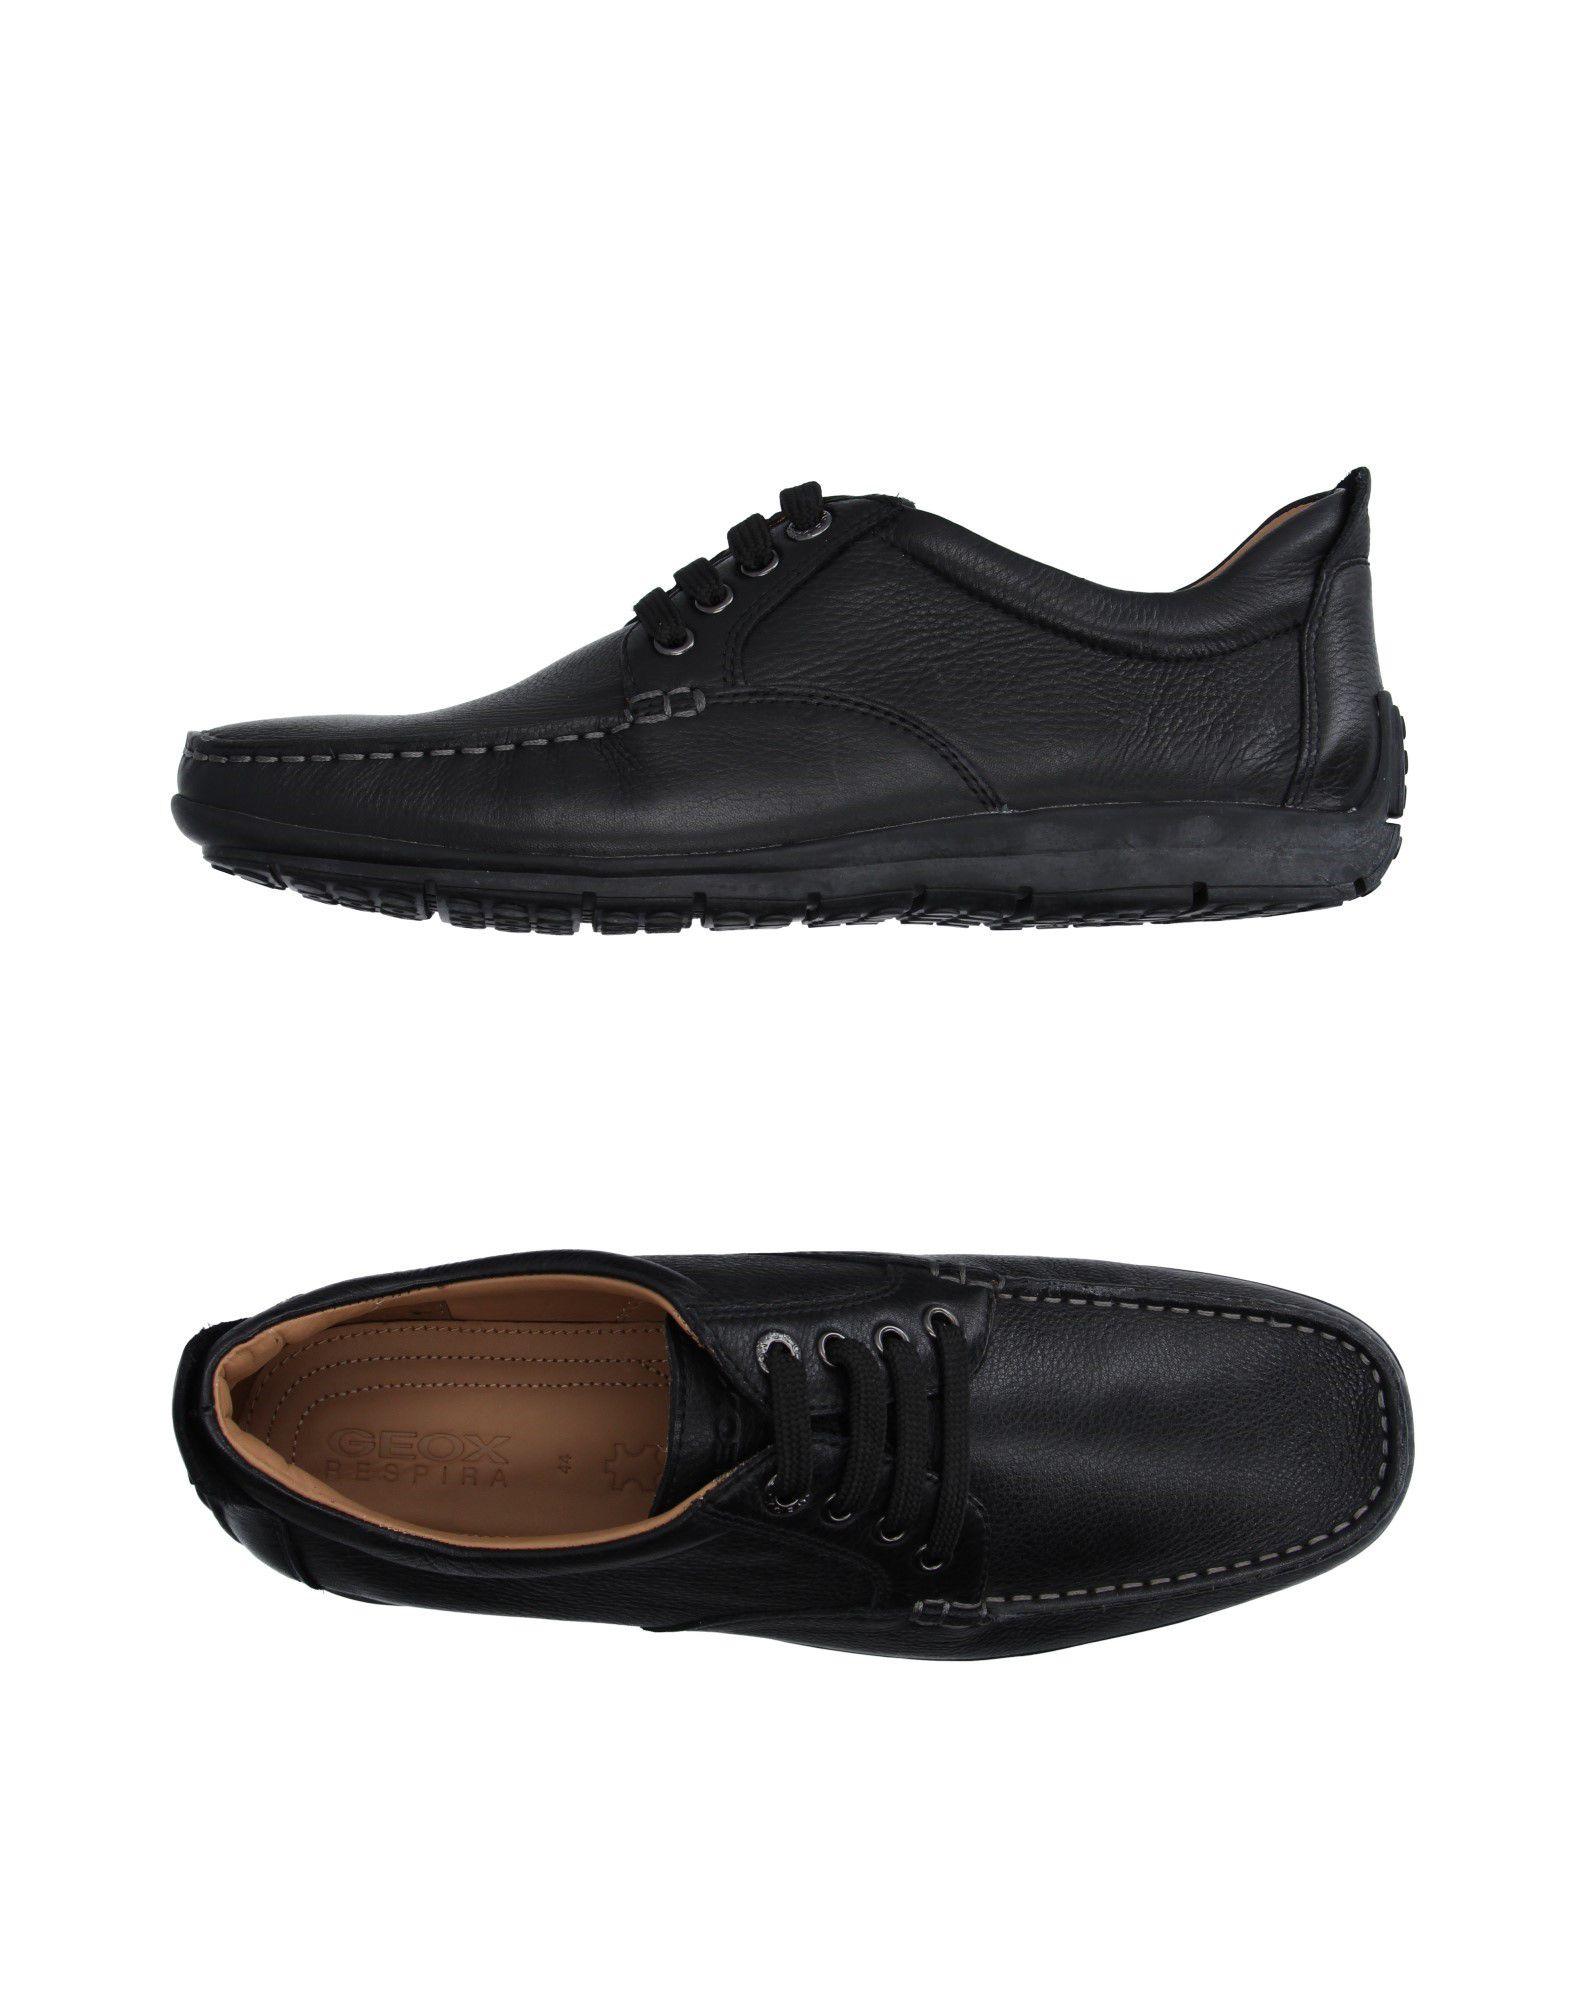 autre chaussure de ville homme geox jusqu 60 soldes deuxi me d marque. Black Bedroom Furniture Sets. Home Design Ideas